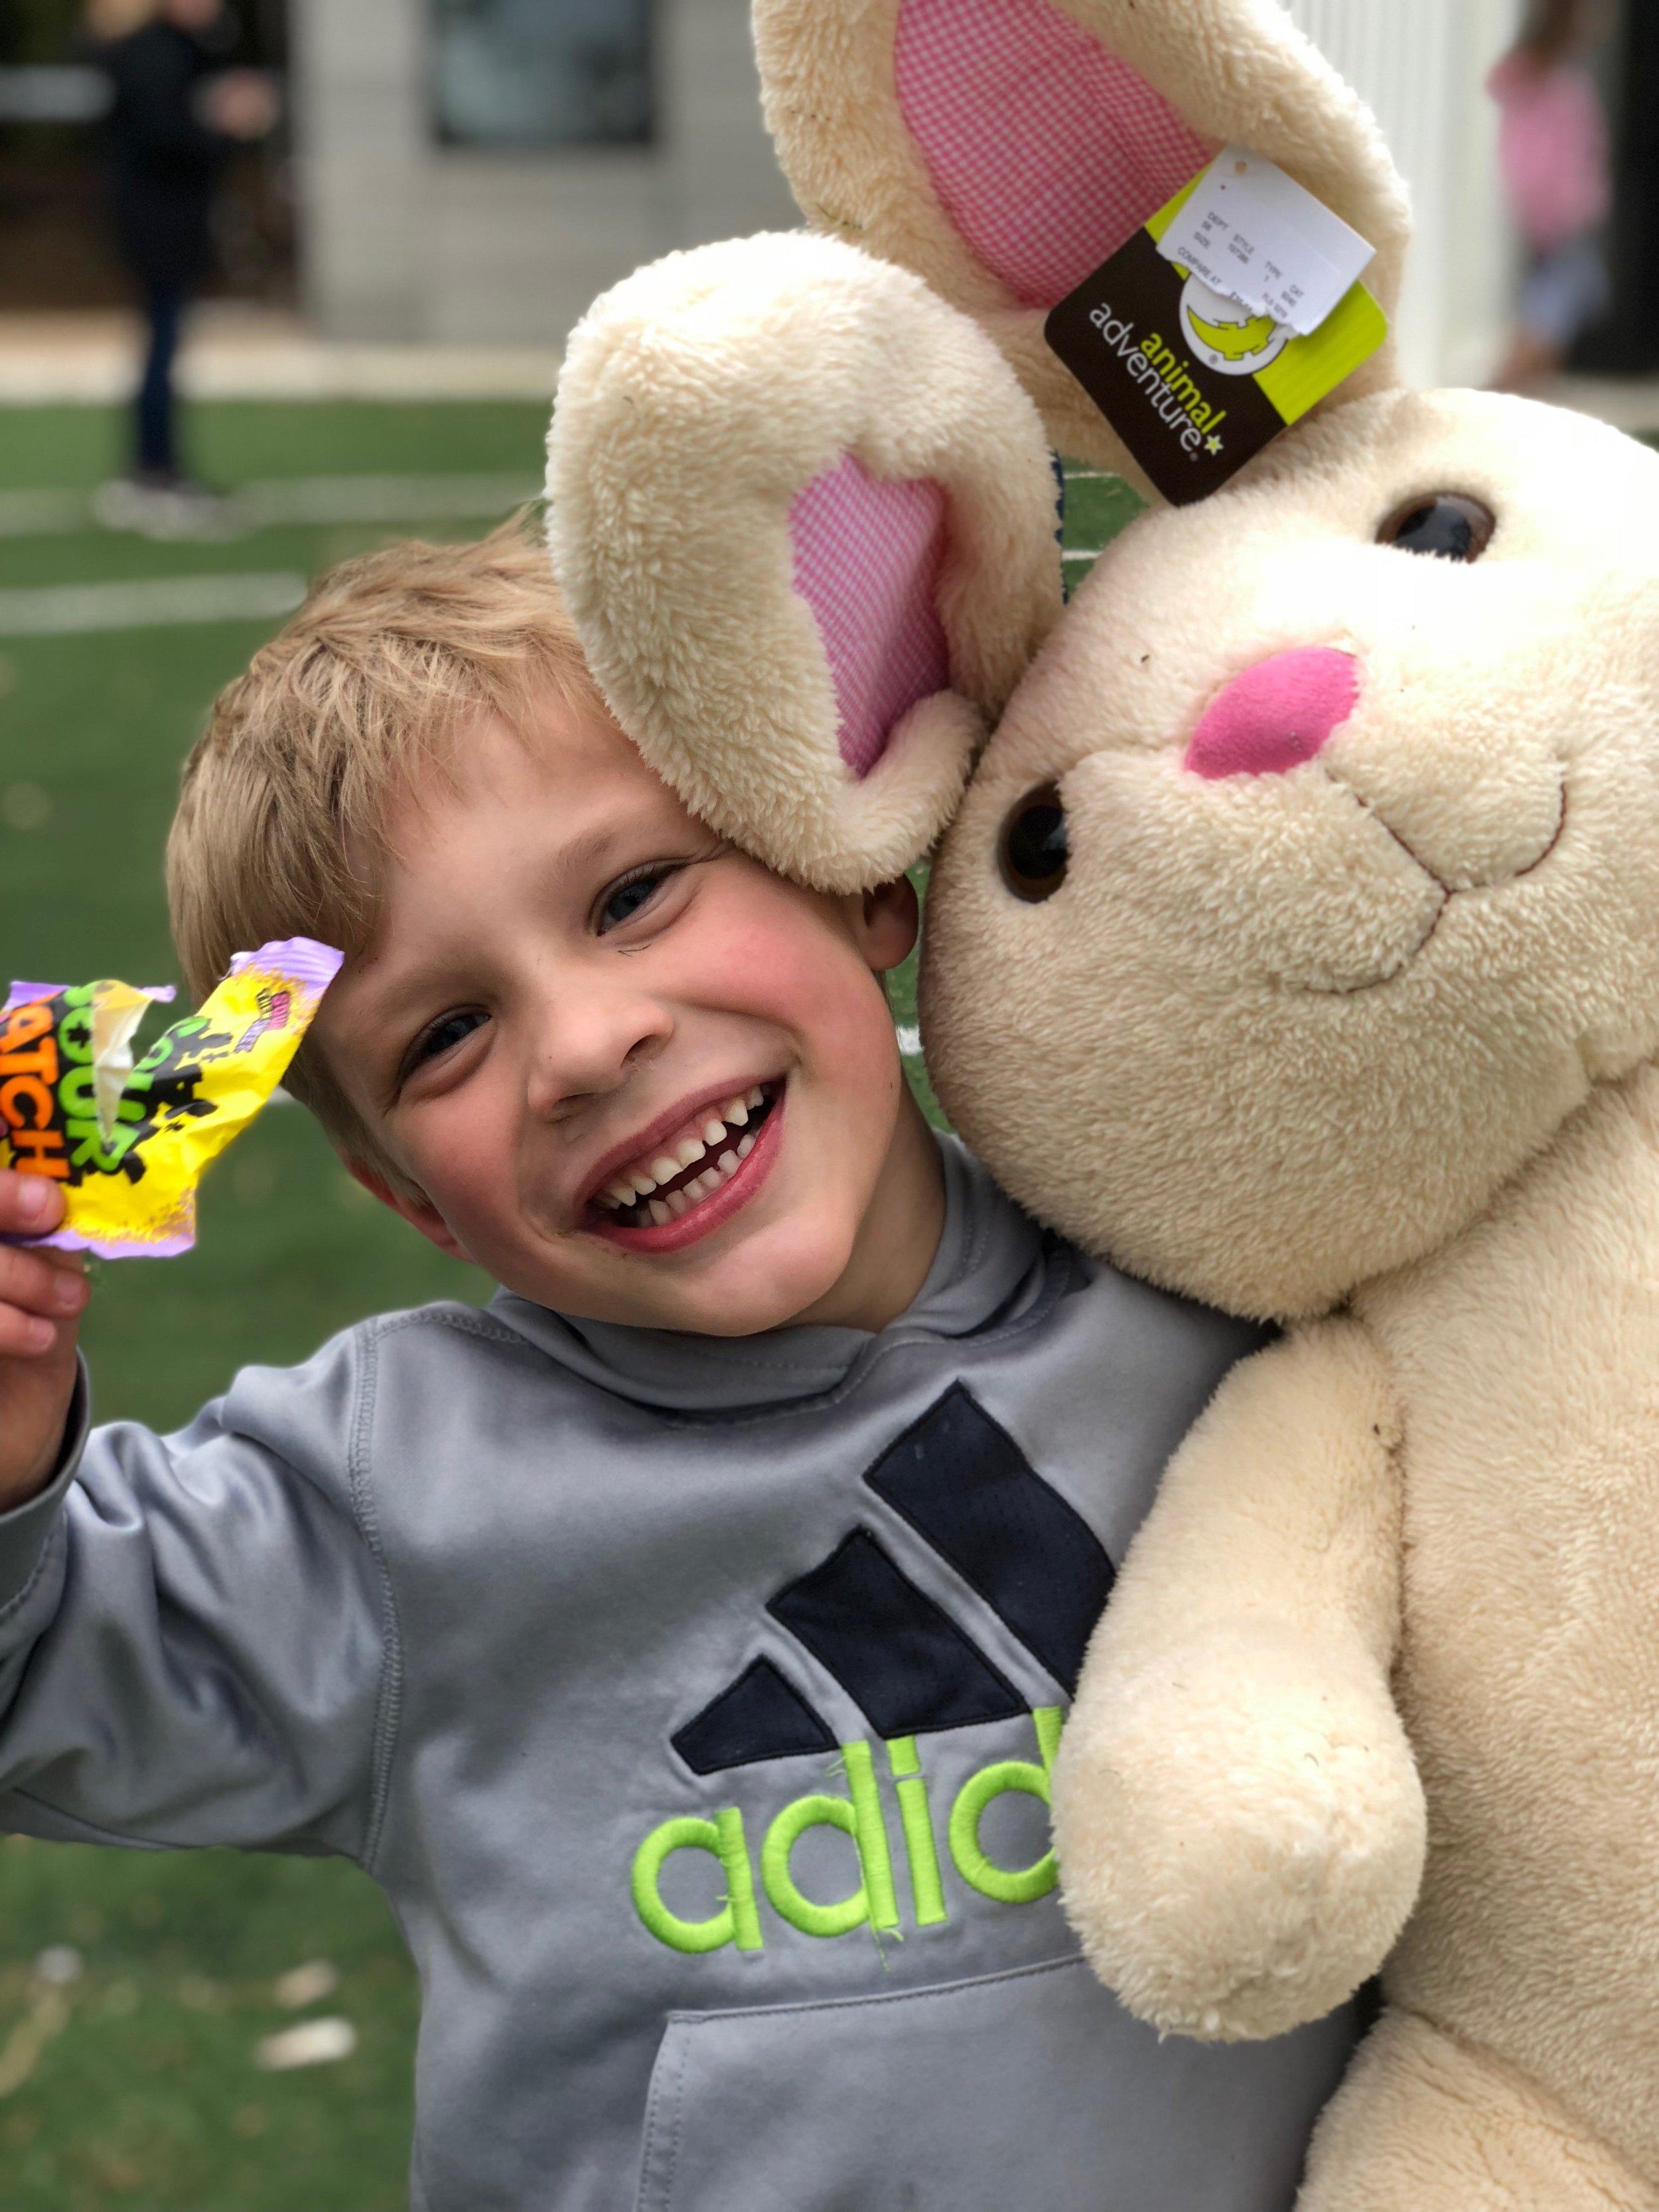 Farm Easter egg hunt